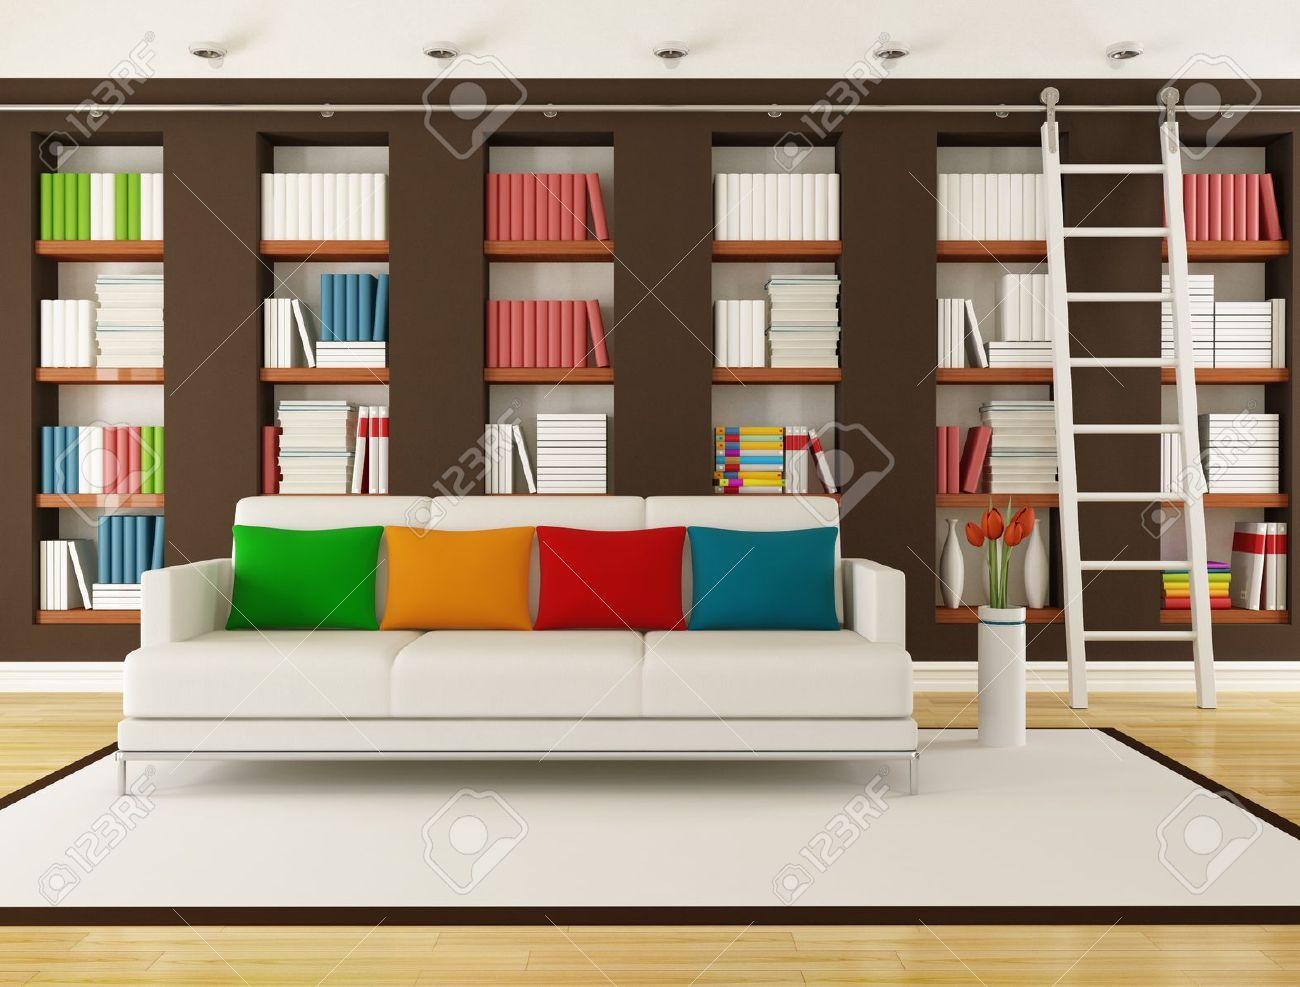 bibliotheque avec echelle dans une salle de sejour rendu moderne